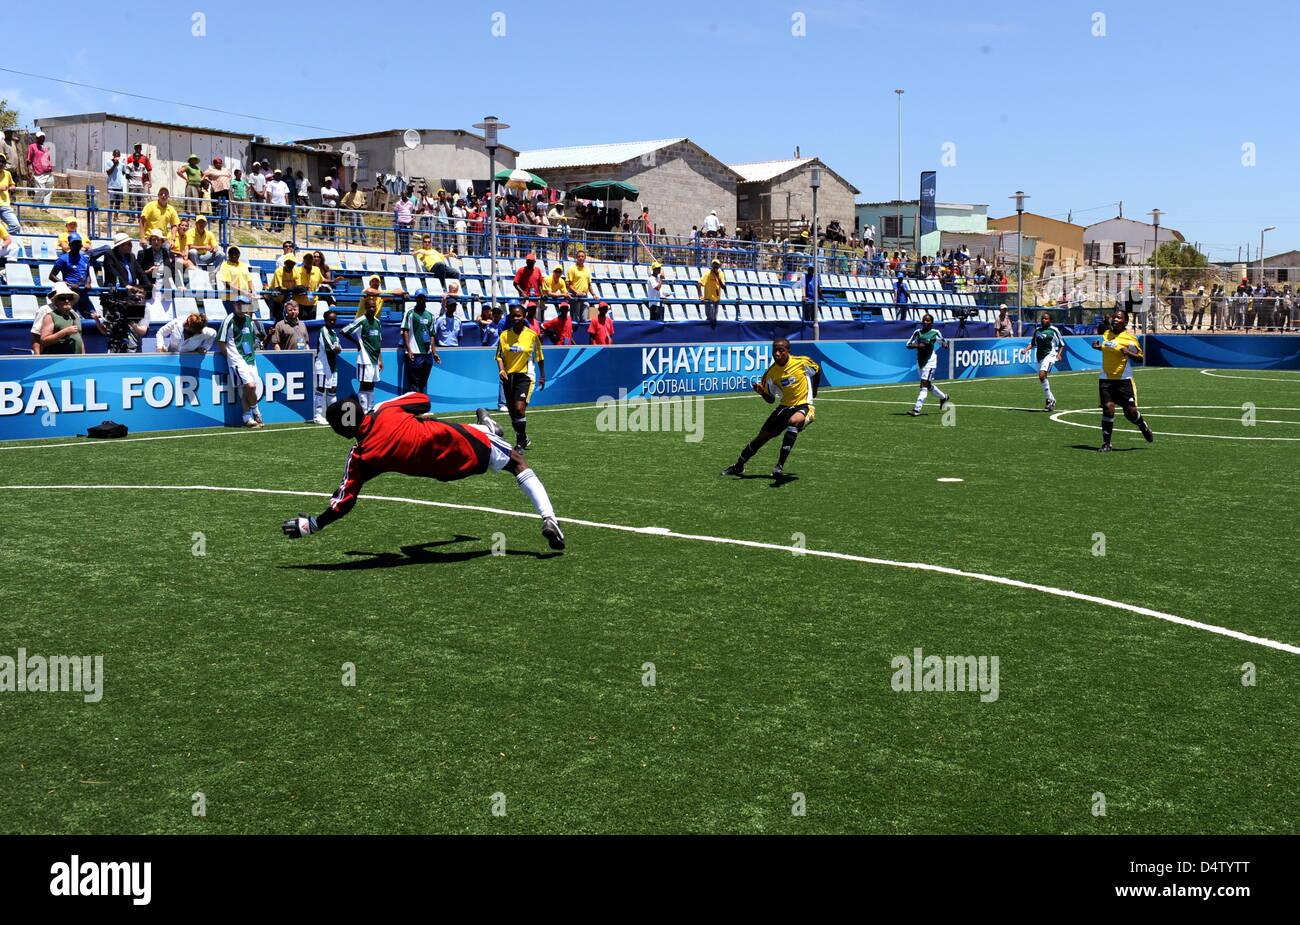 Ein Football for Hope Center des Weltfußballverbandes Fifa wird am Samstag (05.12.2009) in Khayelitsha, einem - Stock Image